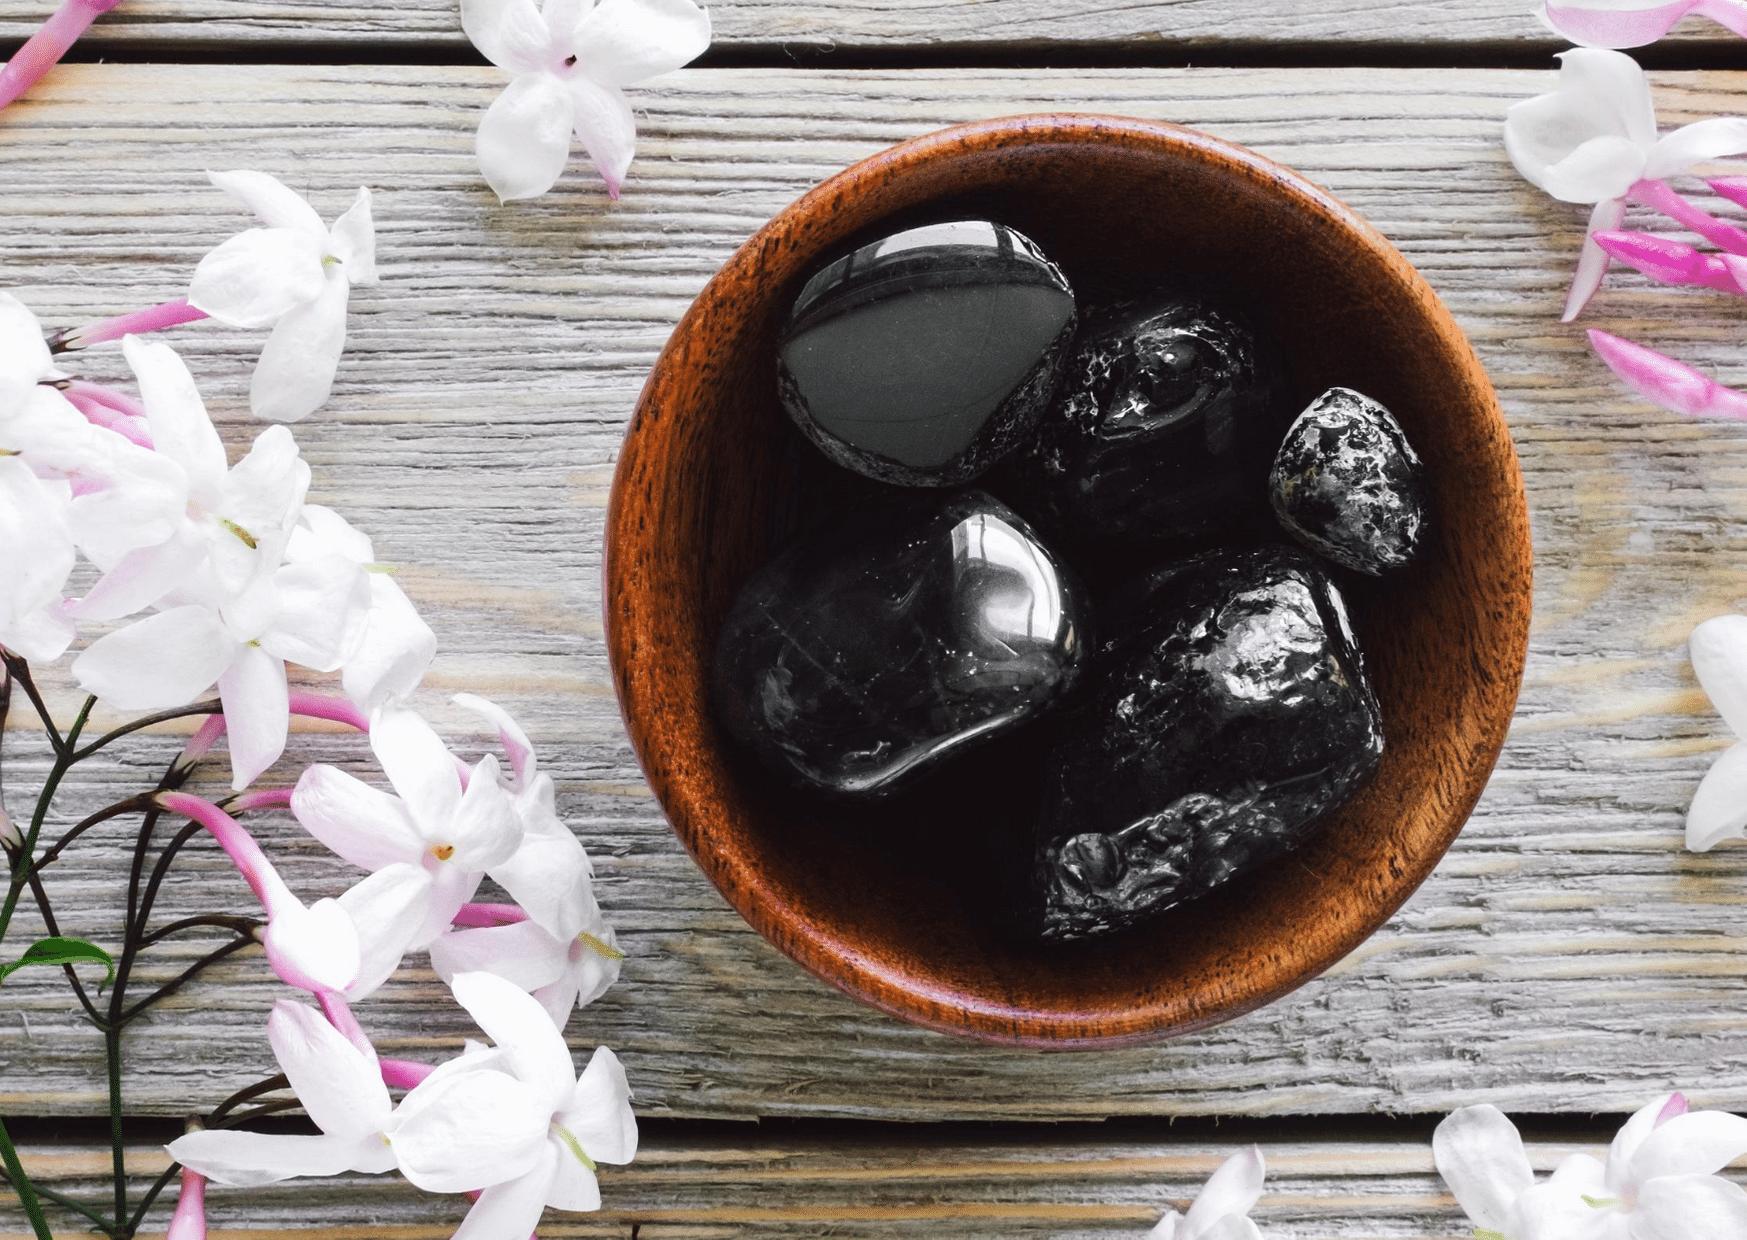 pierres obsidienne dans bol marron entouré de fleurs pierre noire